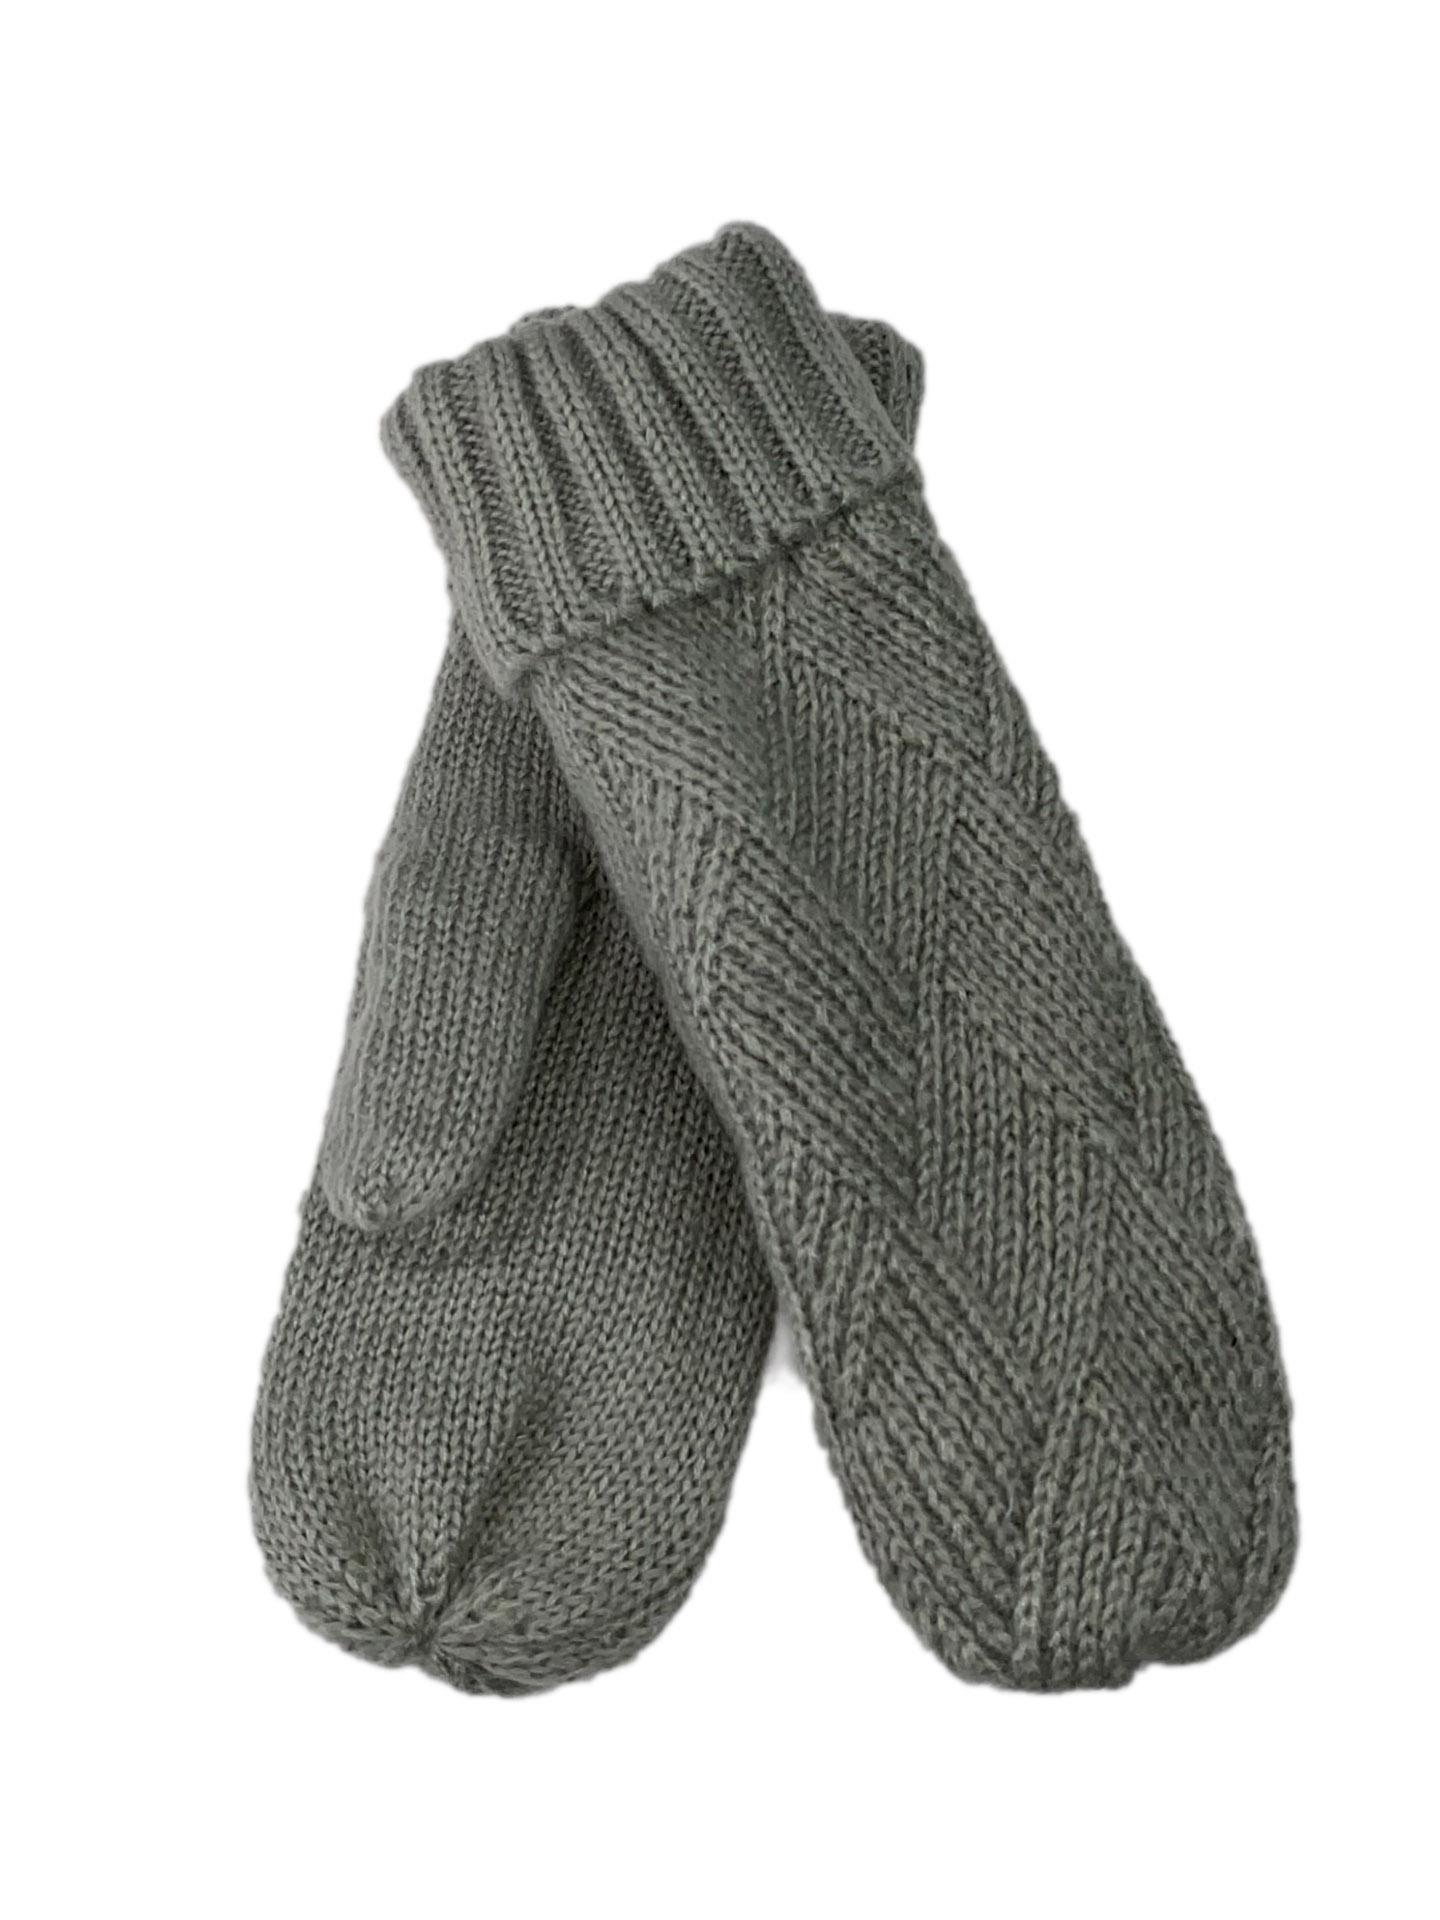 Шерстяные женские варежки с меховым подкладом, цвет светло-серыйW003DP1120/2